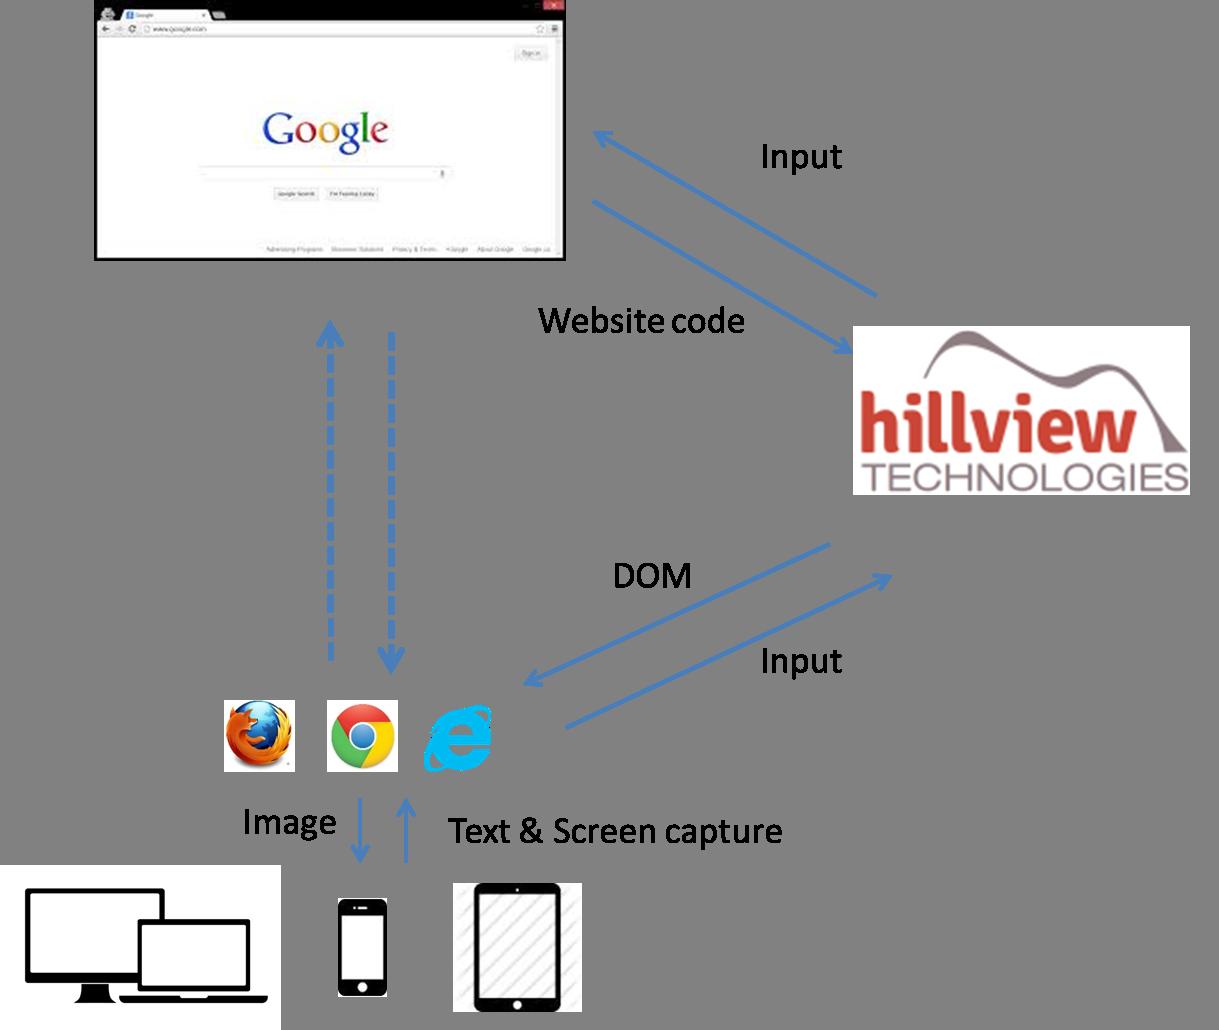 Hillview technologies